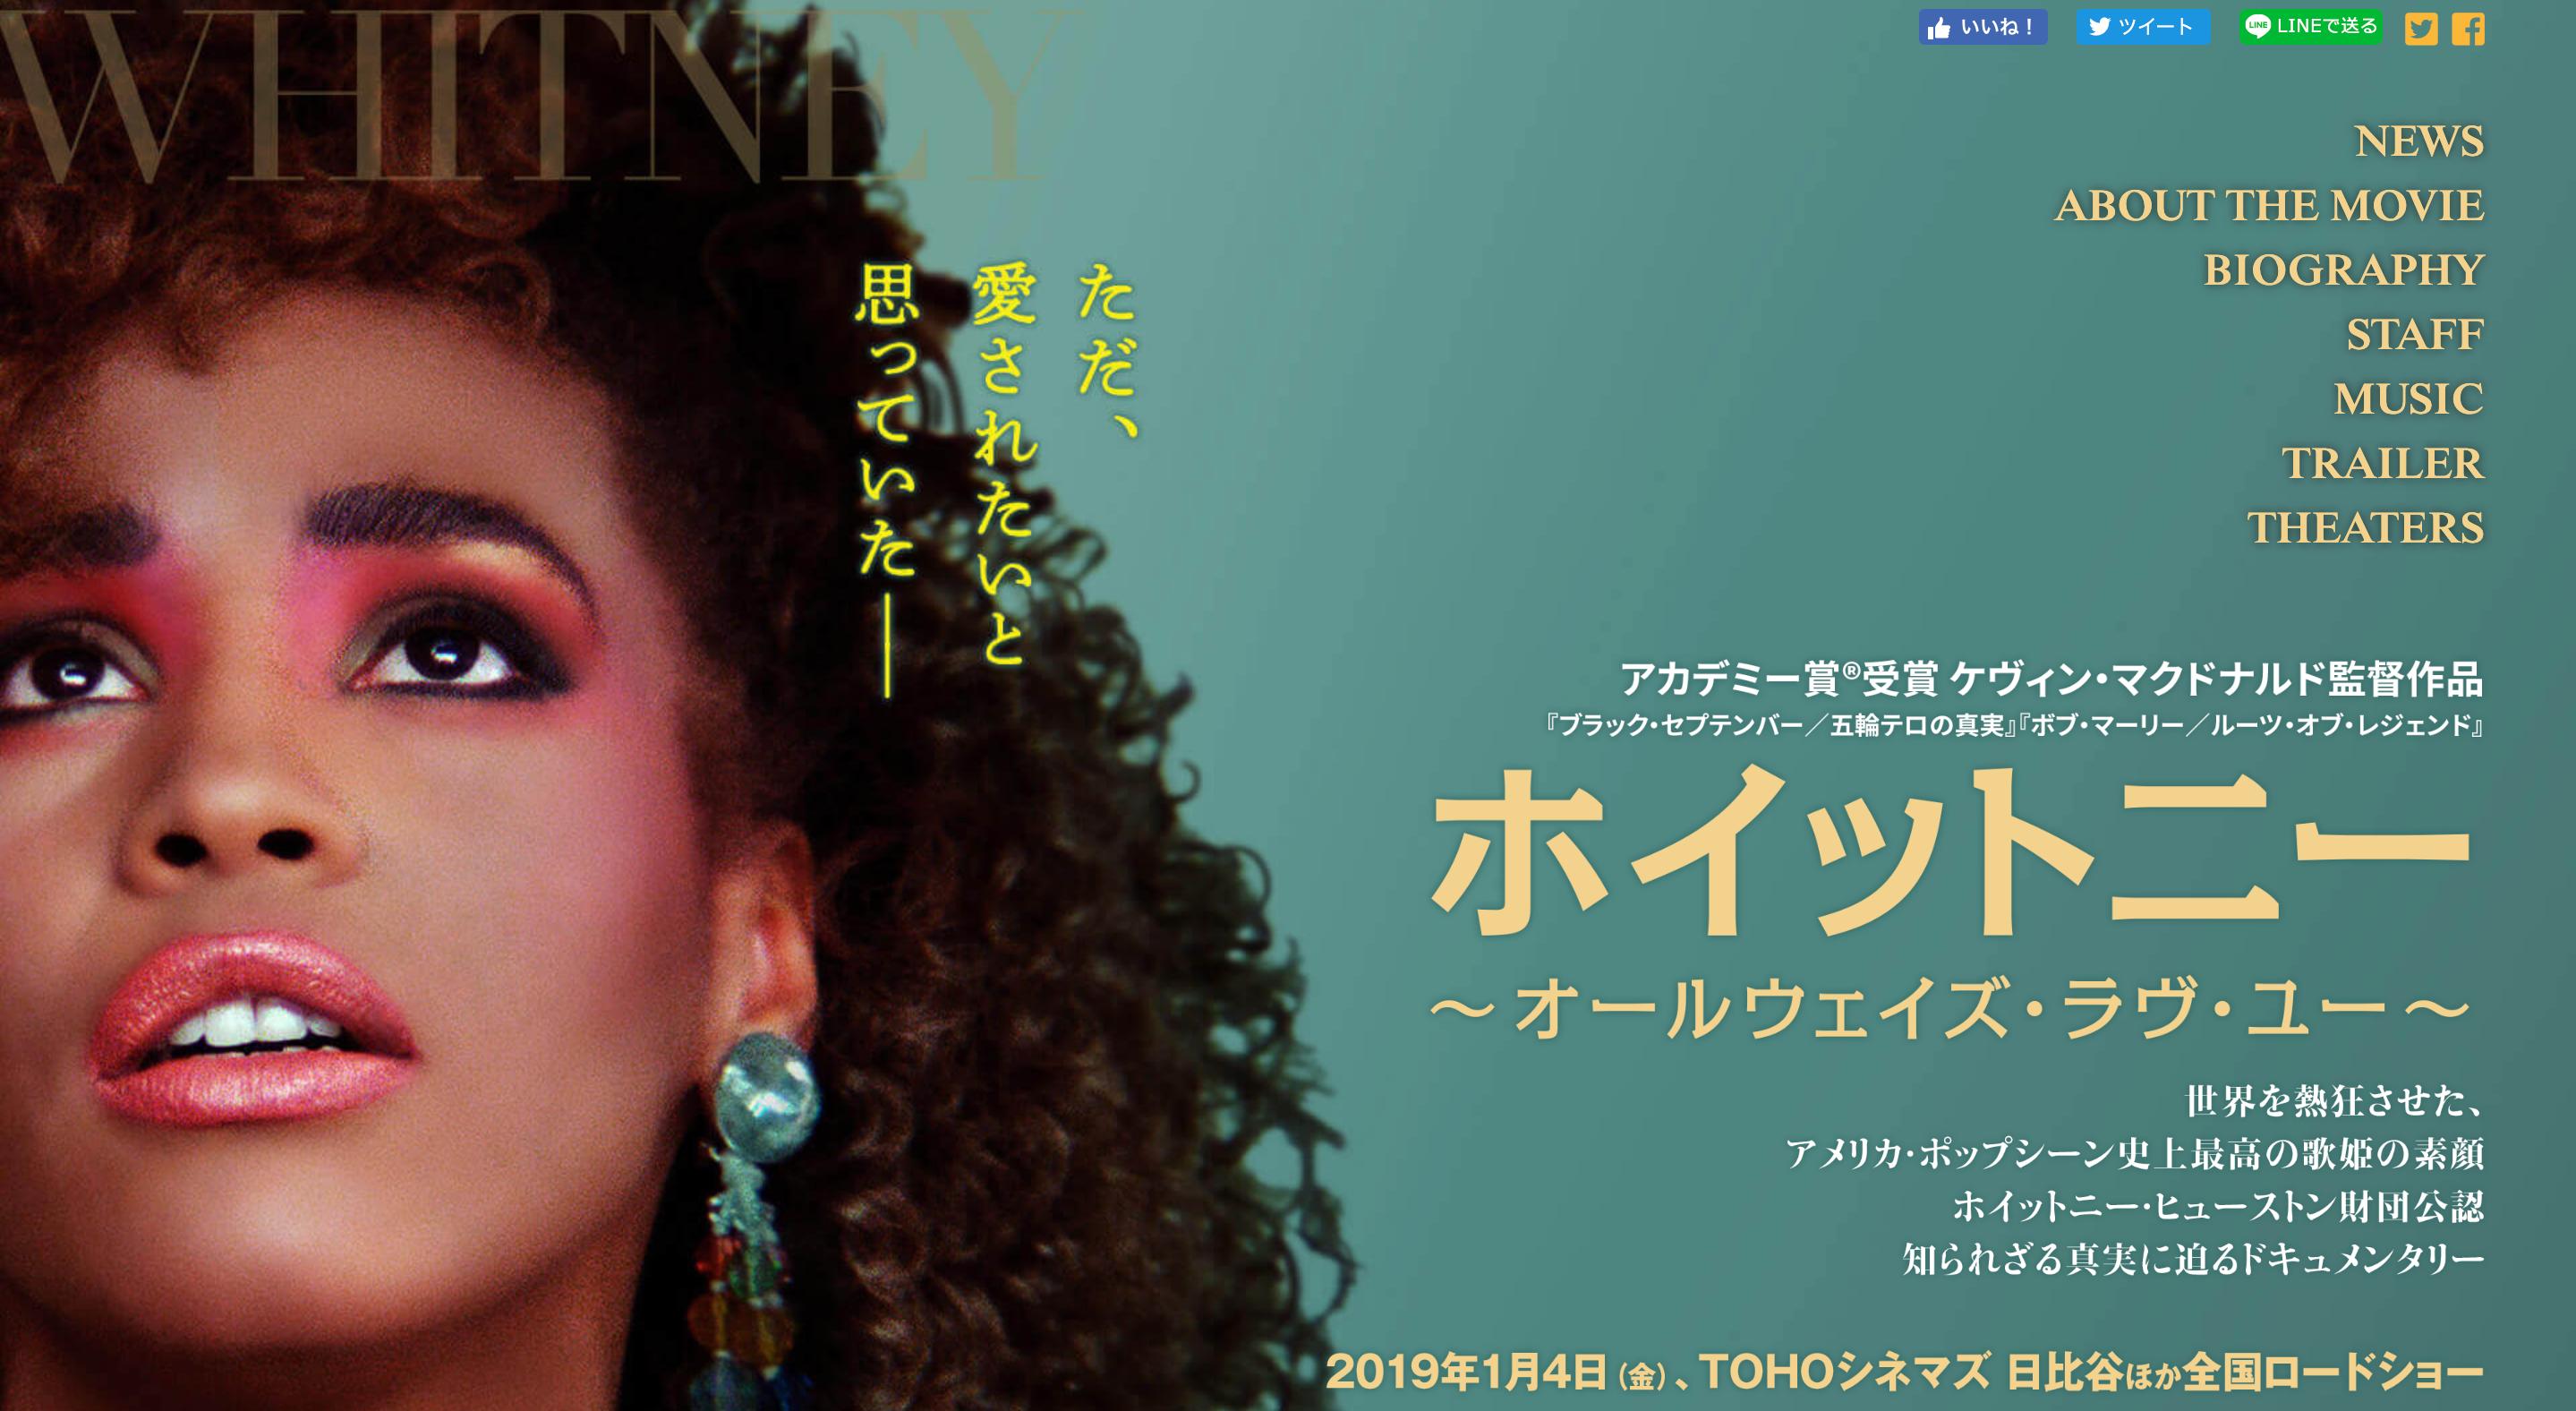 「ホイットニー 〜オールウェイズ・ラヴ・ユー〜lサイトトップページ